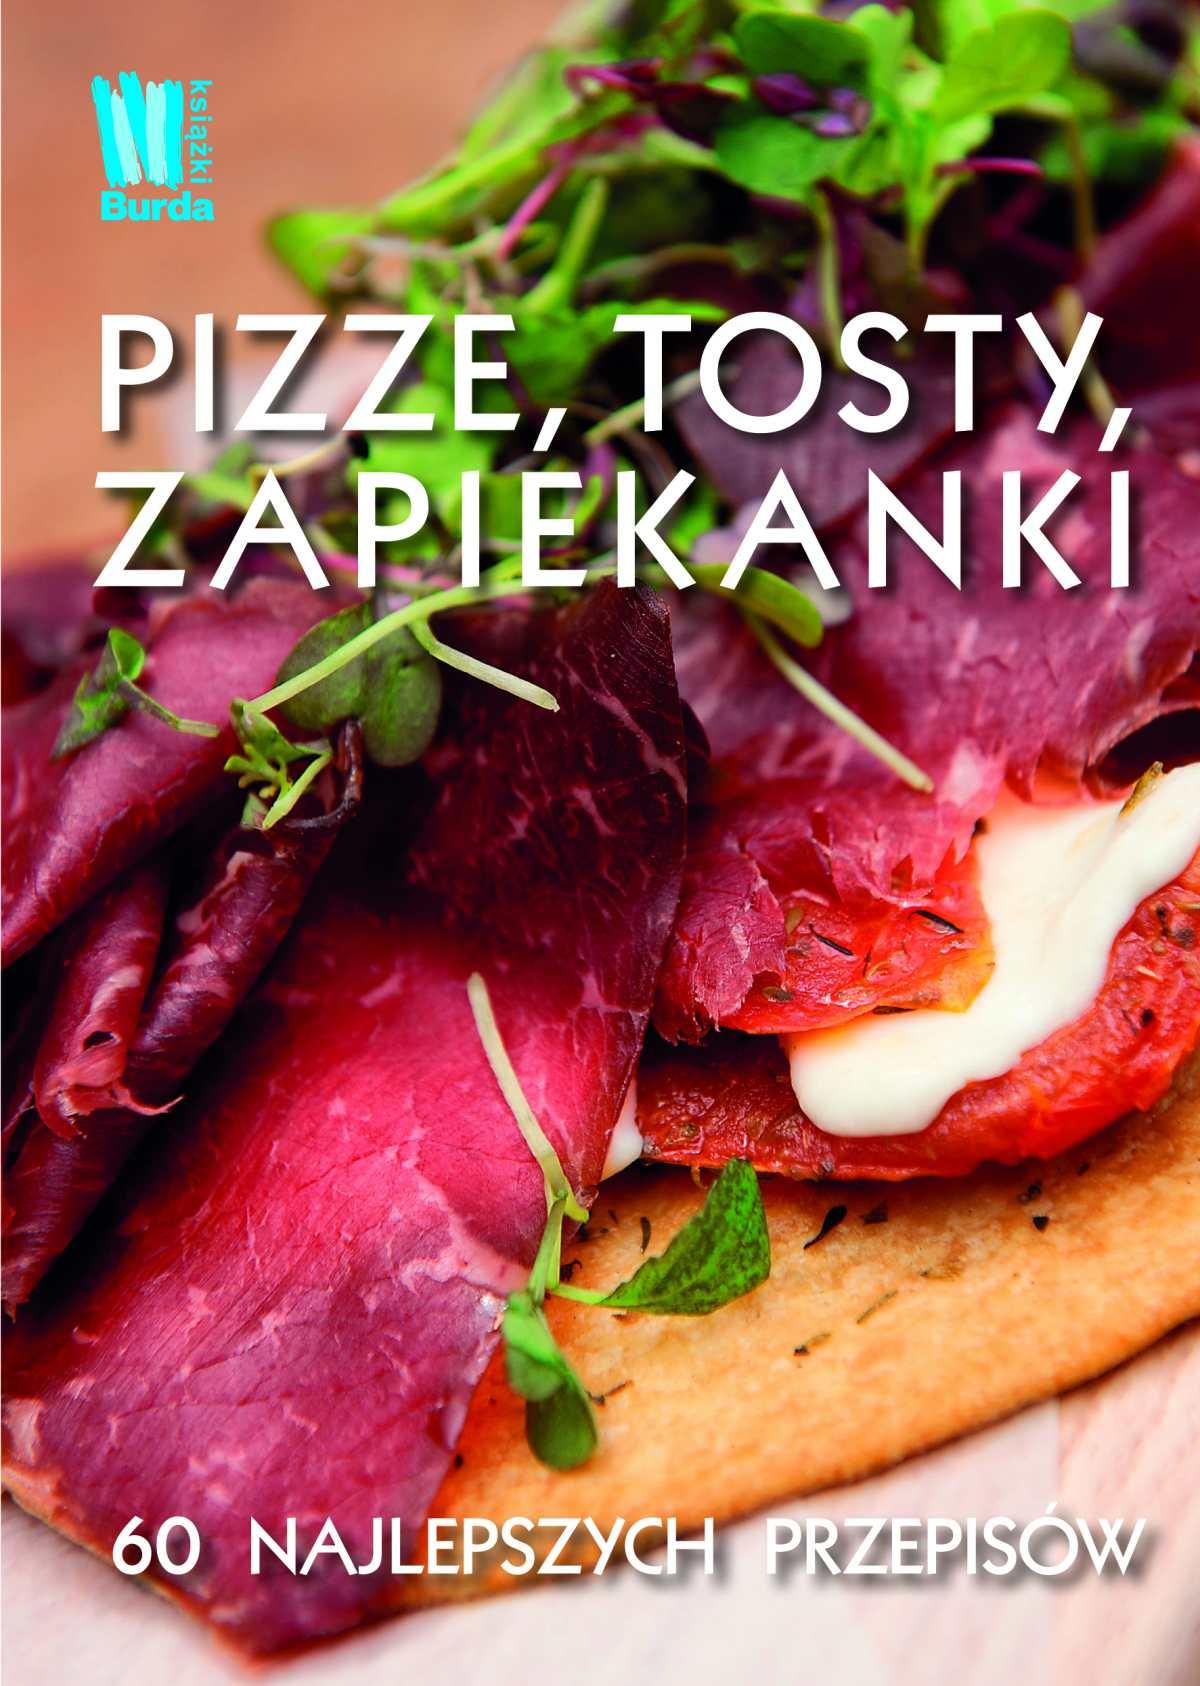 Pizze, tosty, zapiekanki - Ebook (Książka na Kindle) do pobrania w formacie MOBI